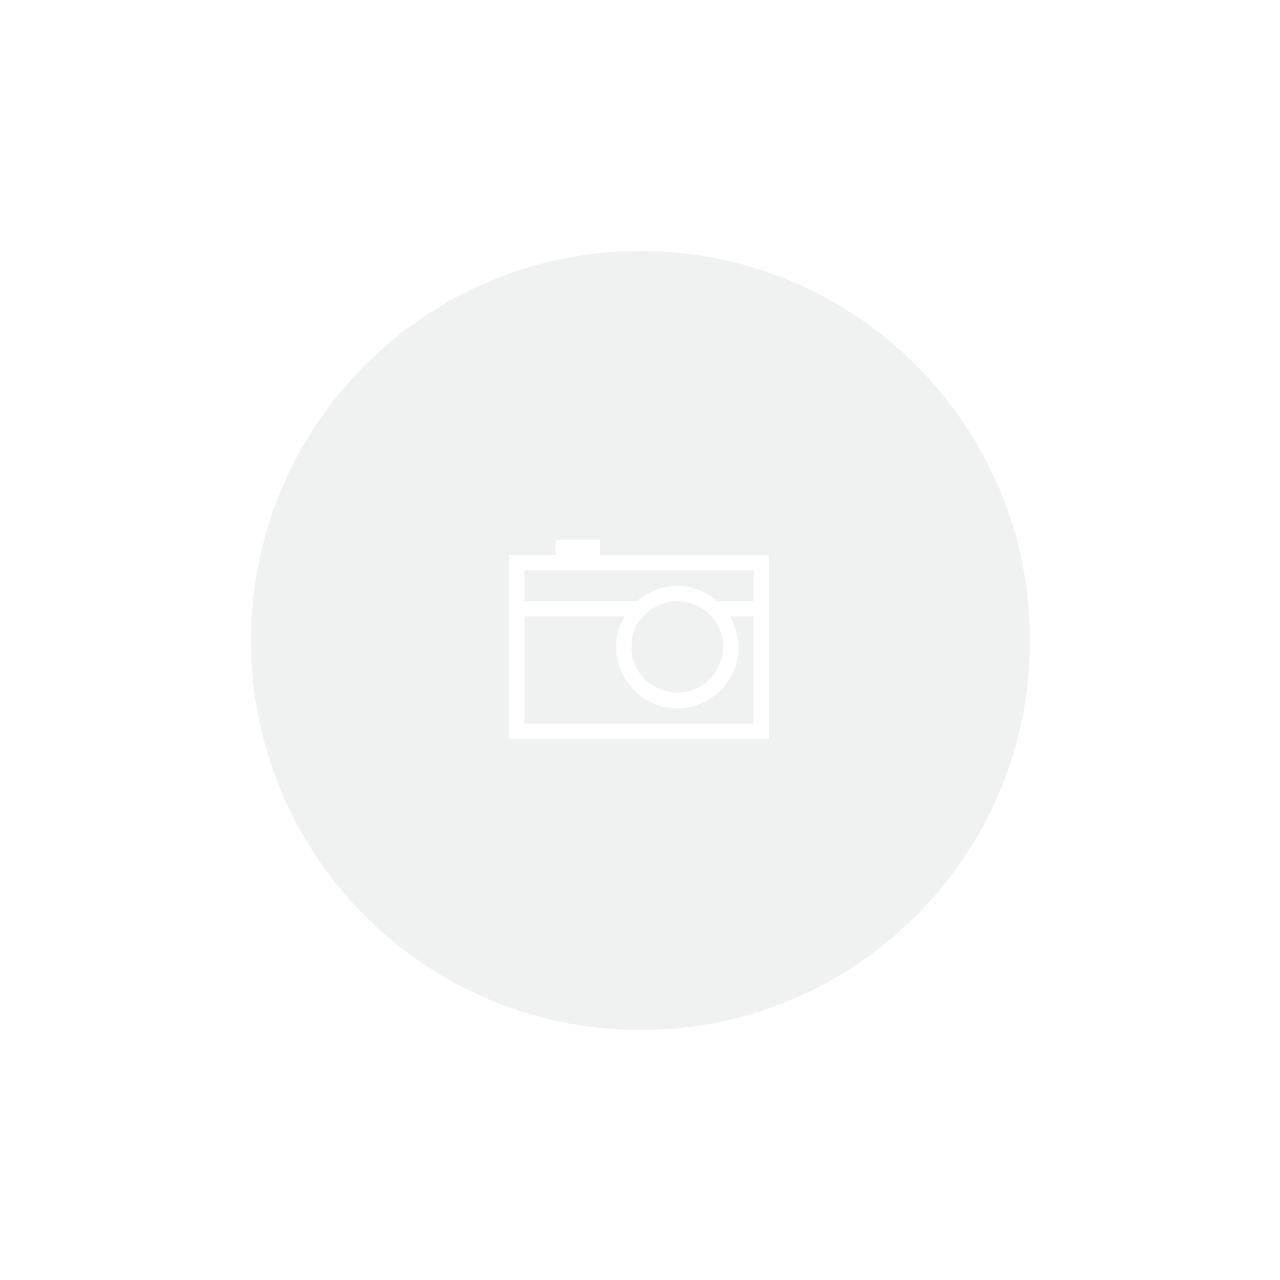 Tesoura para Tosa - Oster Kazu 5.5